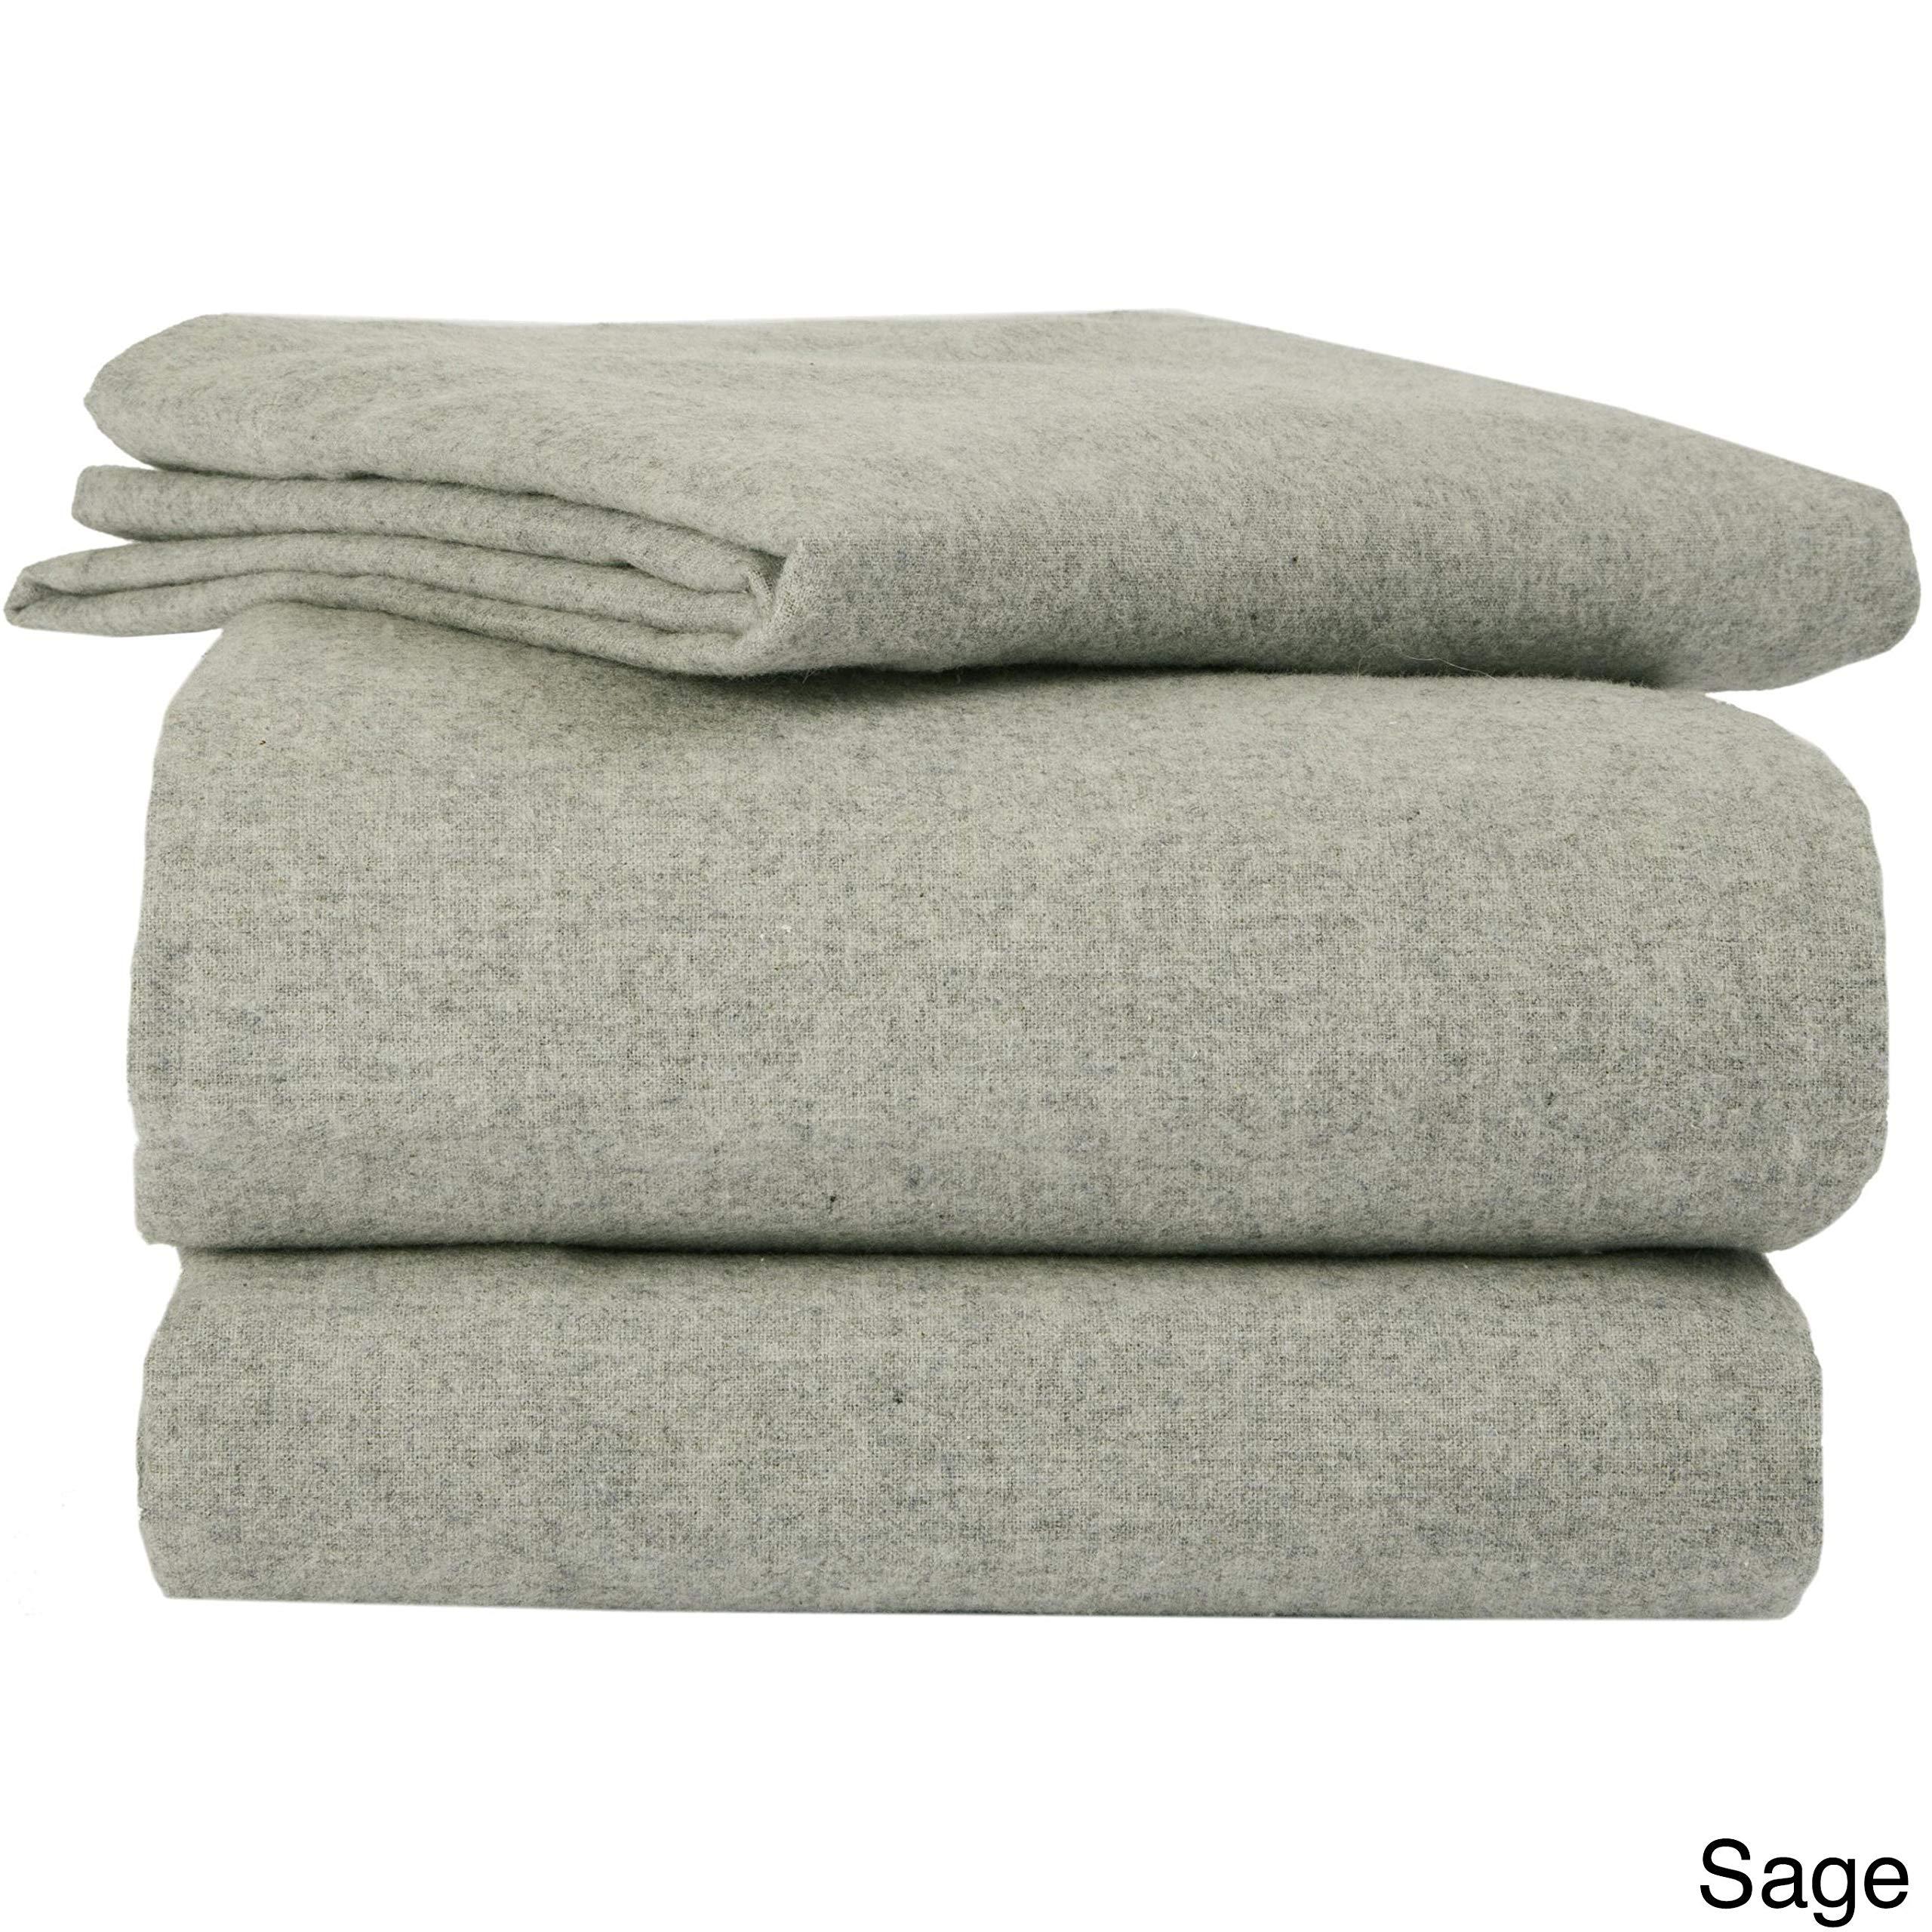 La Rochelle Heather Flannel Sheet Set, Sage, King